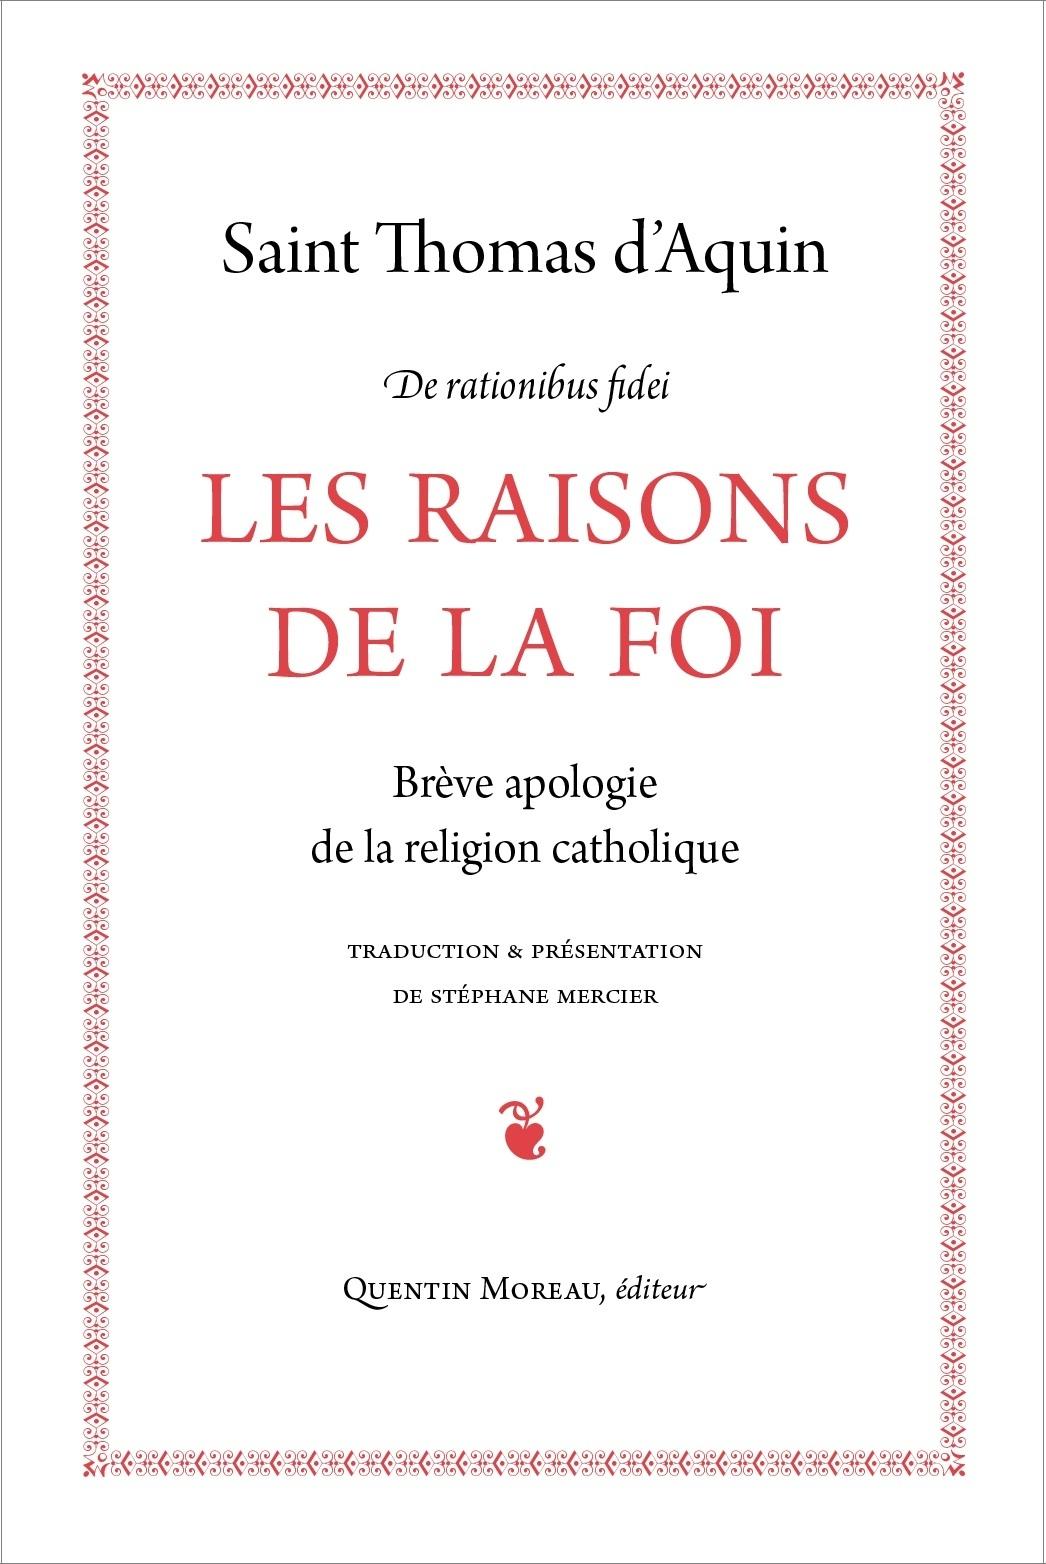 LES RAISONS DE LA FOI